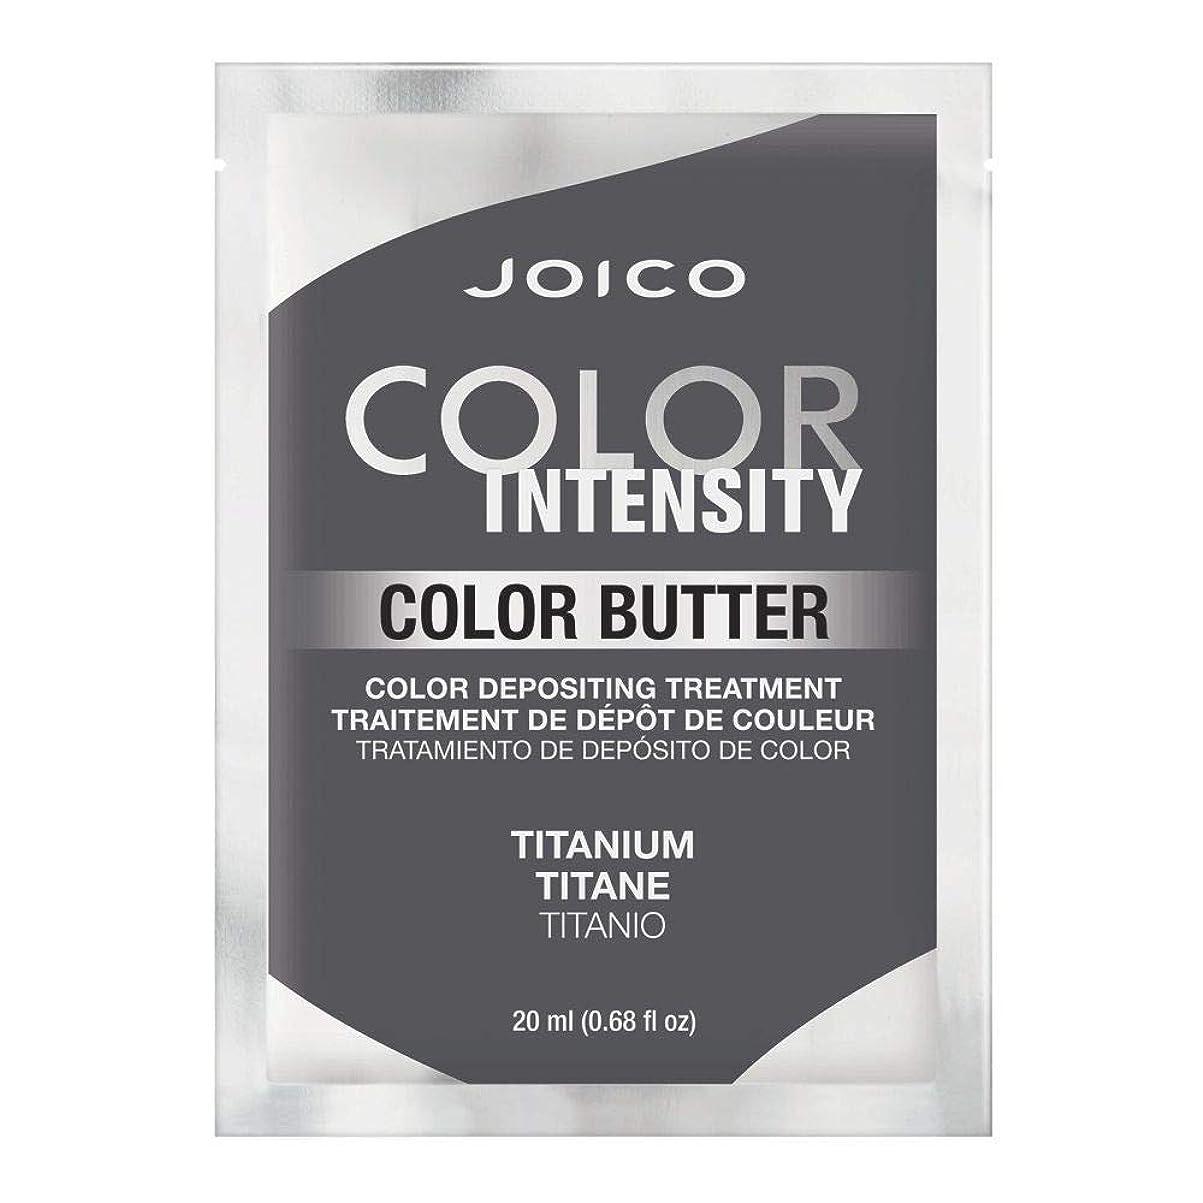 勇気のある入射微視的Joico 色強度色バター - チタン0.68オンス チタン